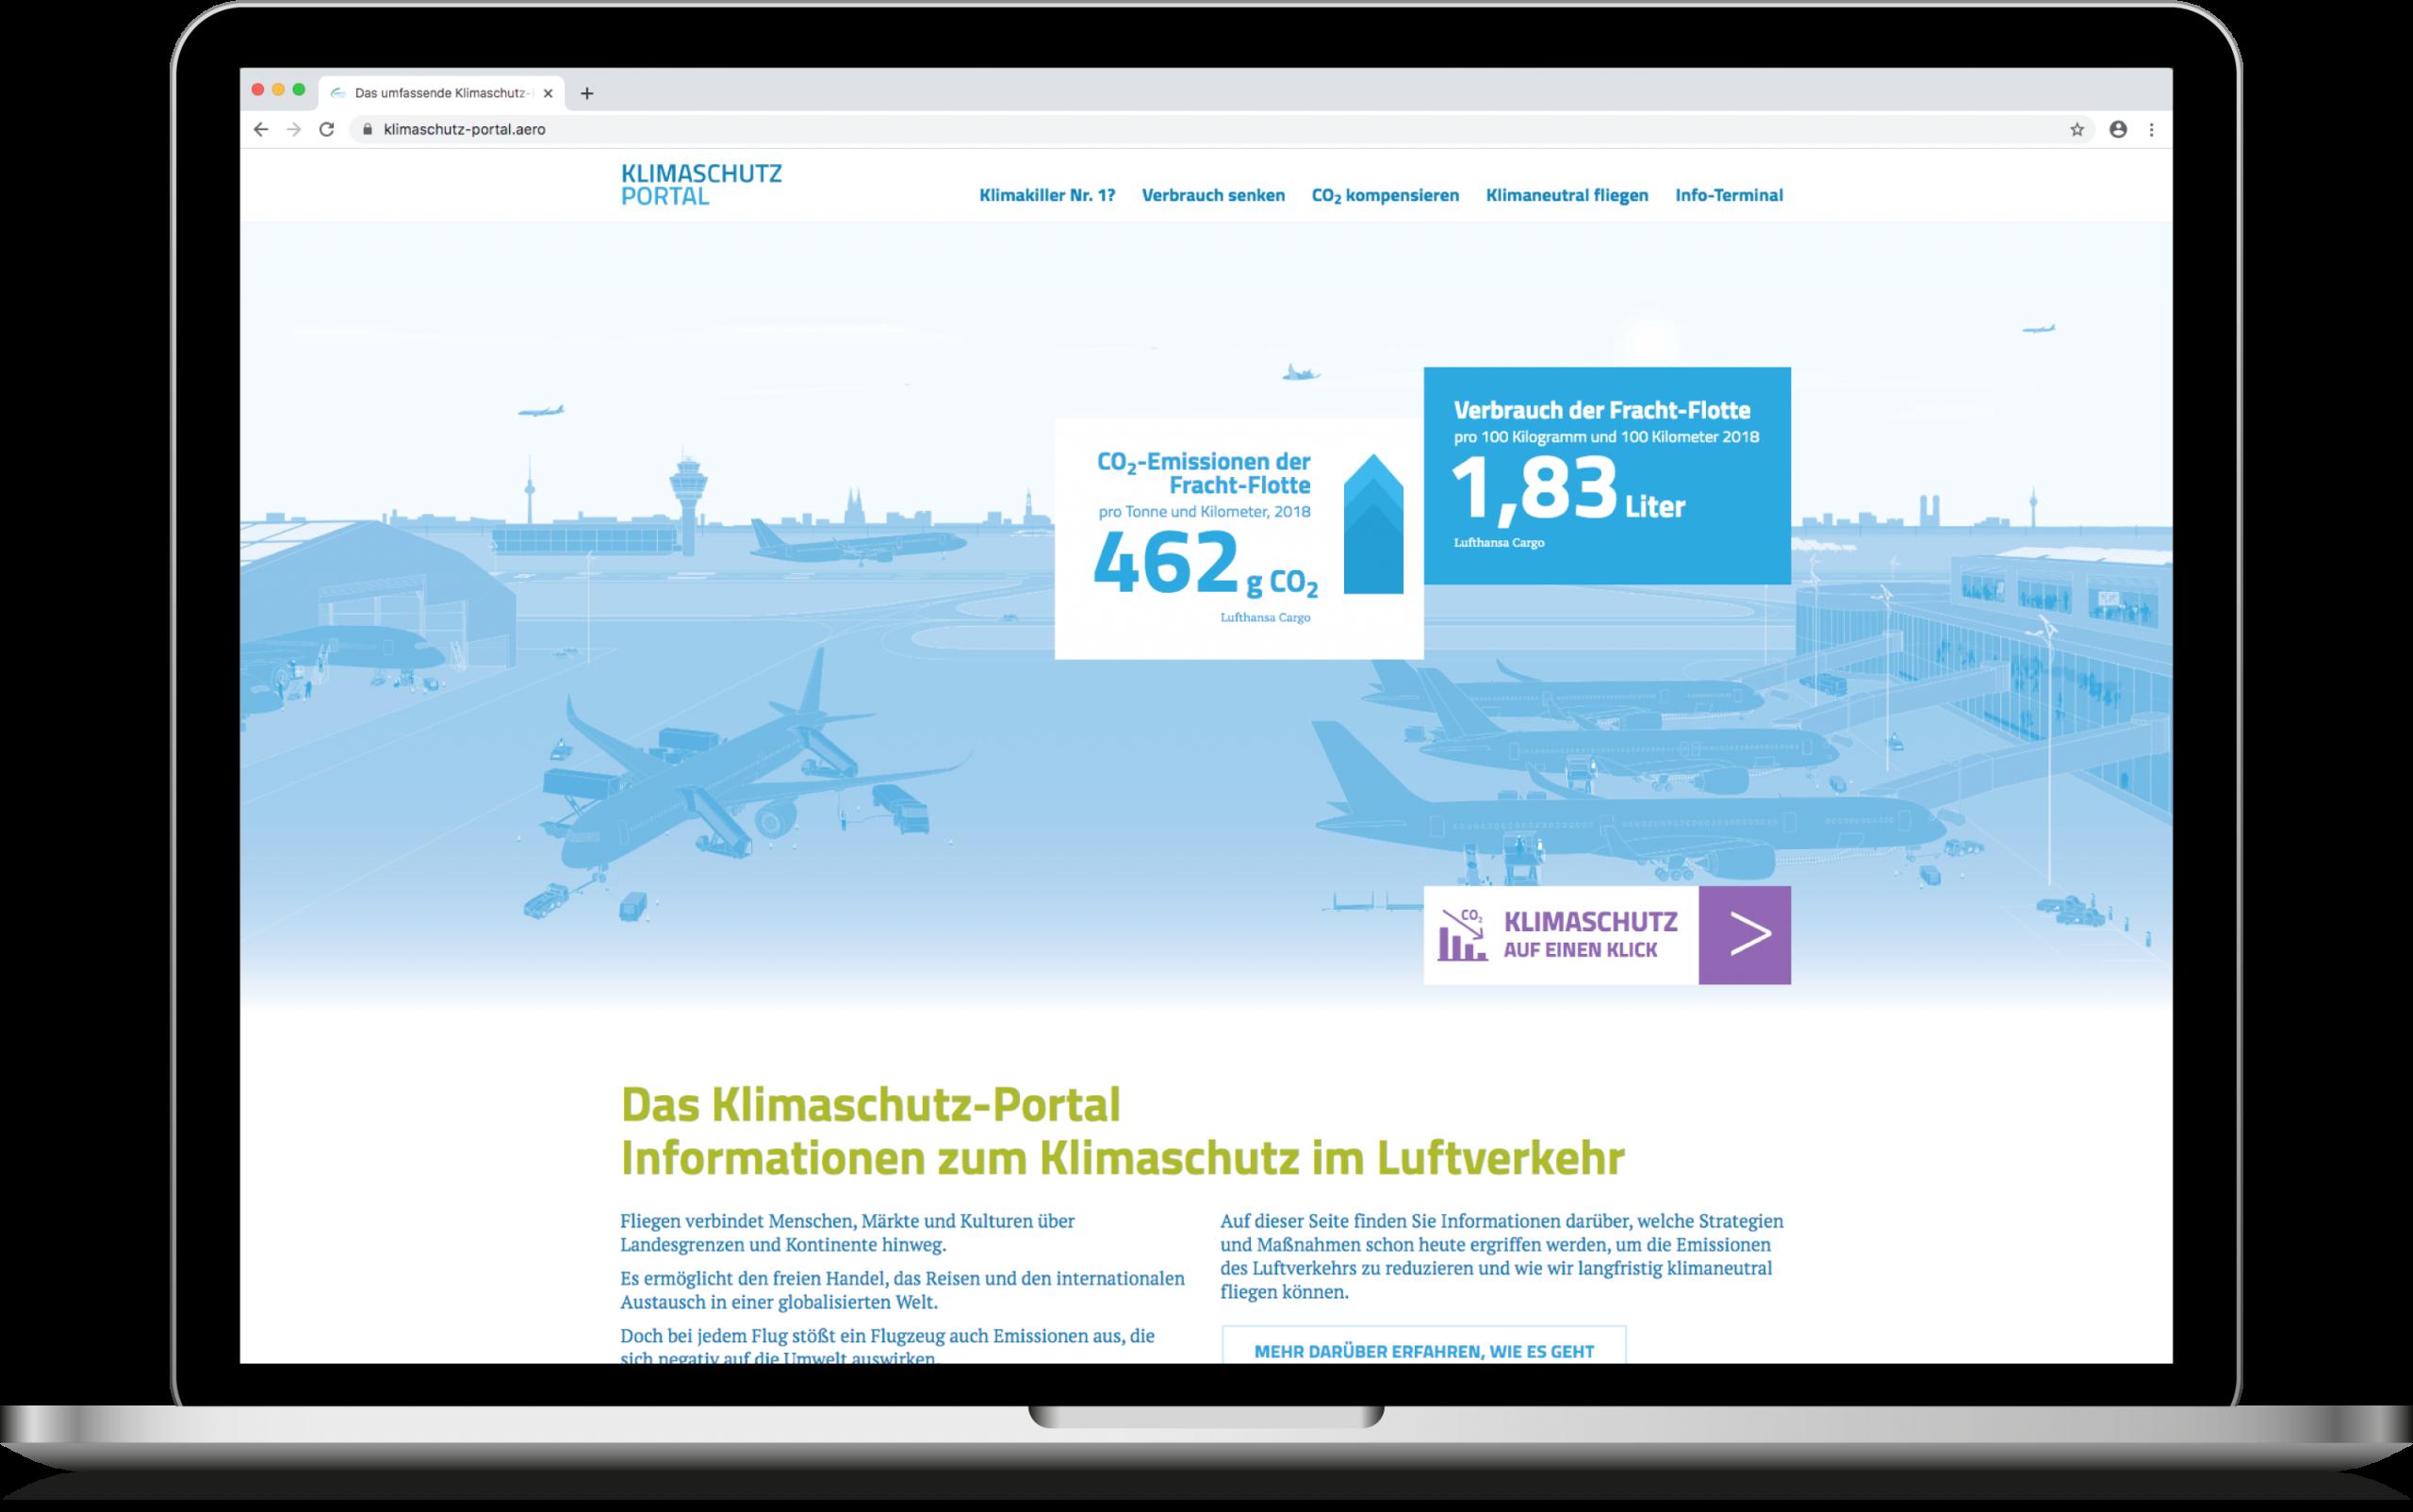 Klimaschutz im Luftverkehr: Das Klimaschutz-Portal der Deutschen Luftfahrt